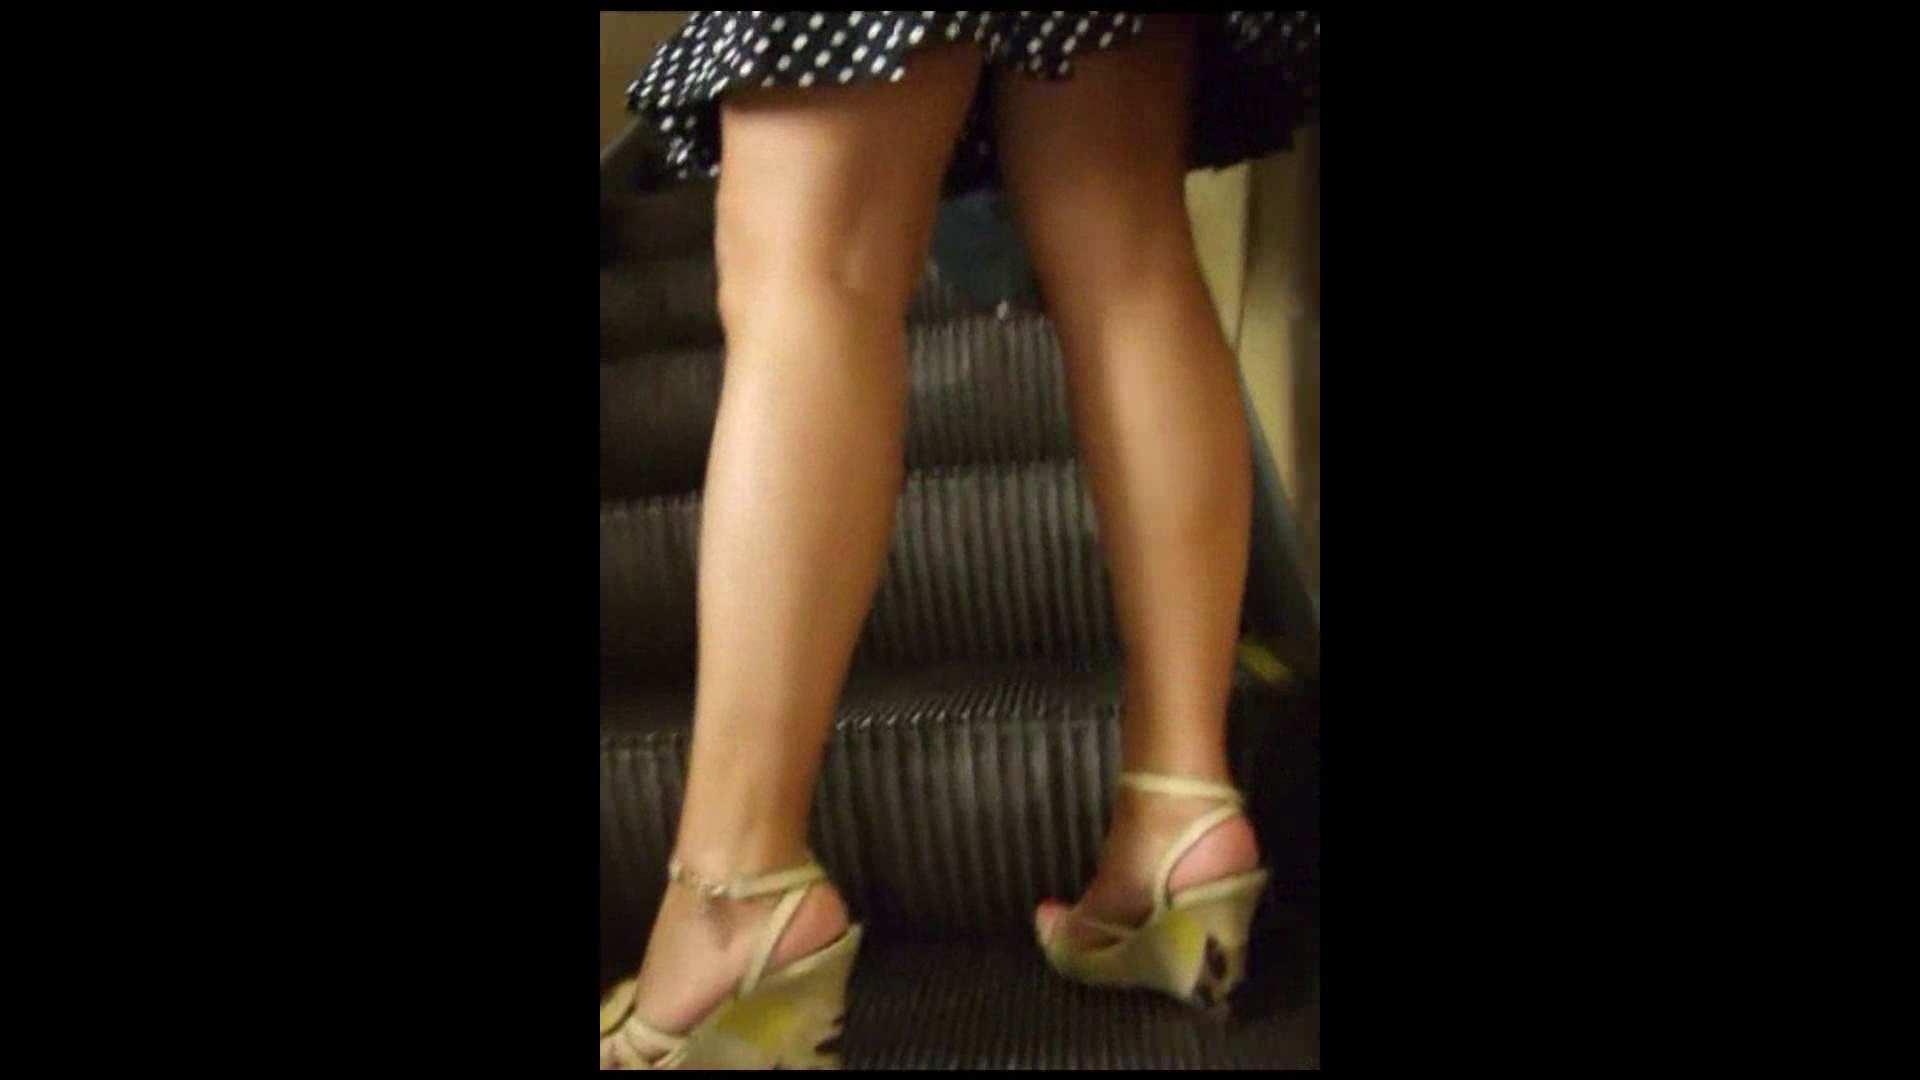 綺麗なモデルさんのスカート捲っちゃおう‼vol03 Hなお姉さん   HなOL  87pic 9